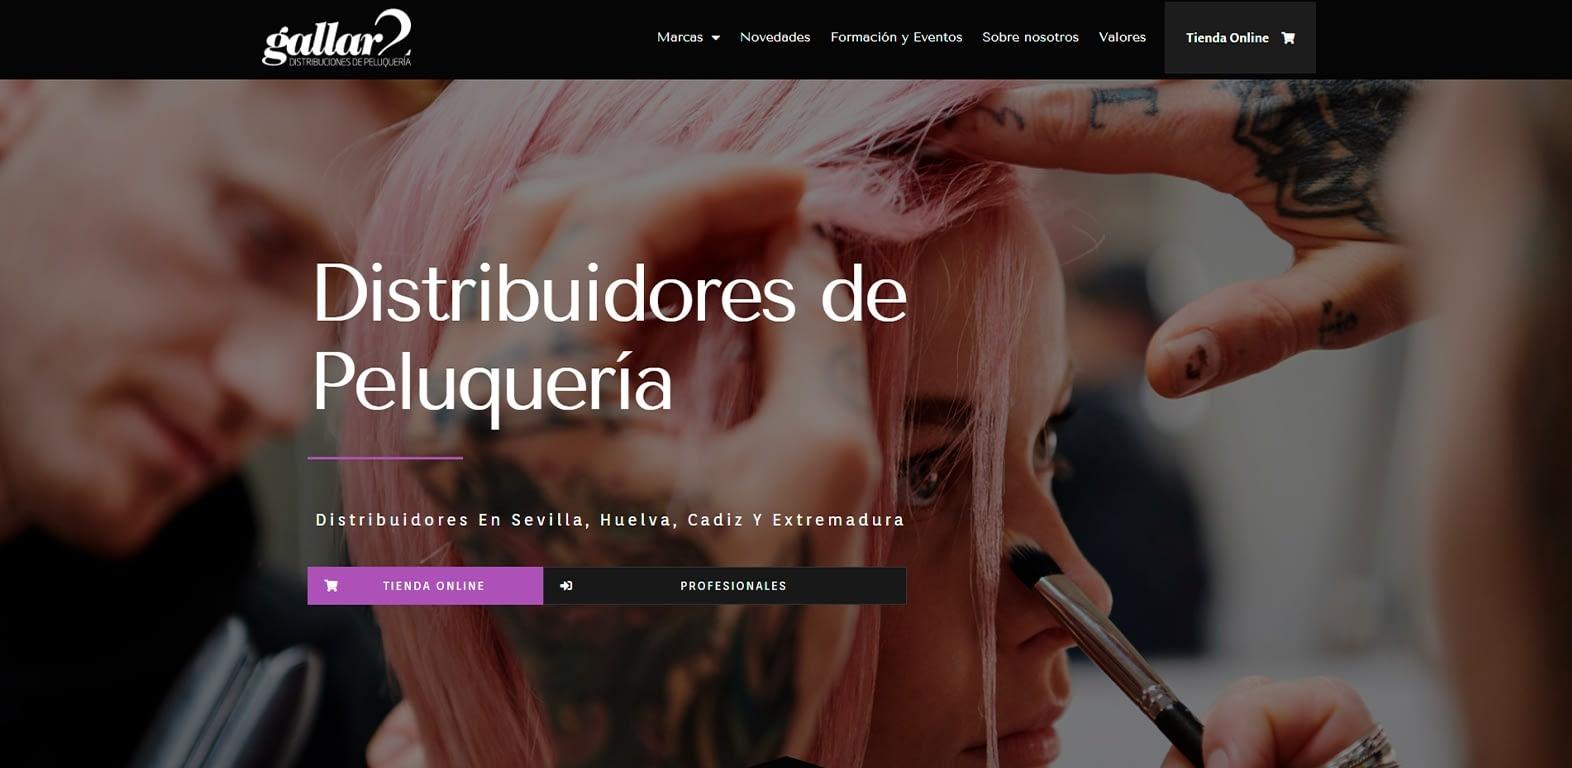 diseño-web-Distribuidores-de-peluqueria-Gallar2